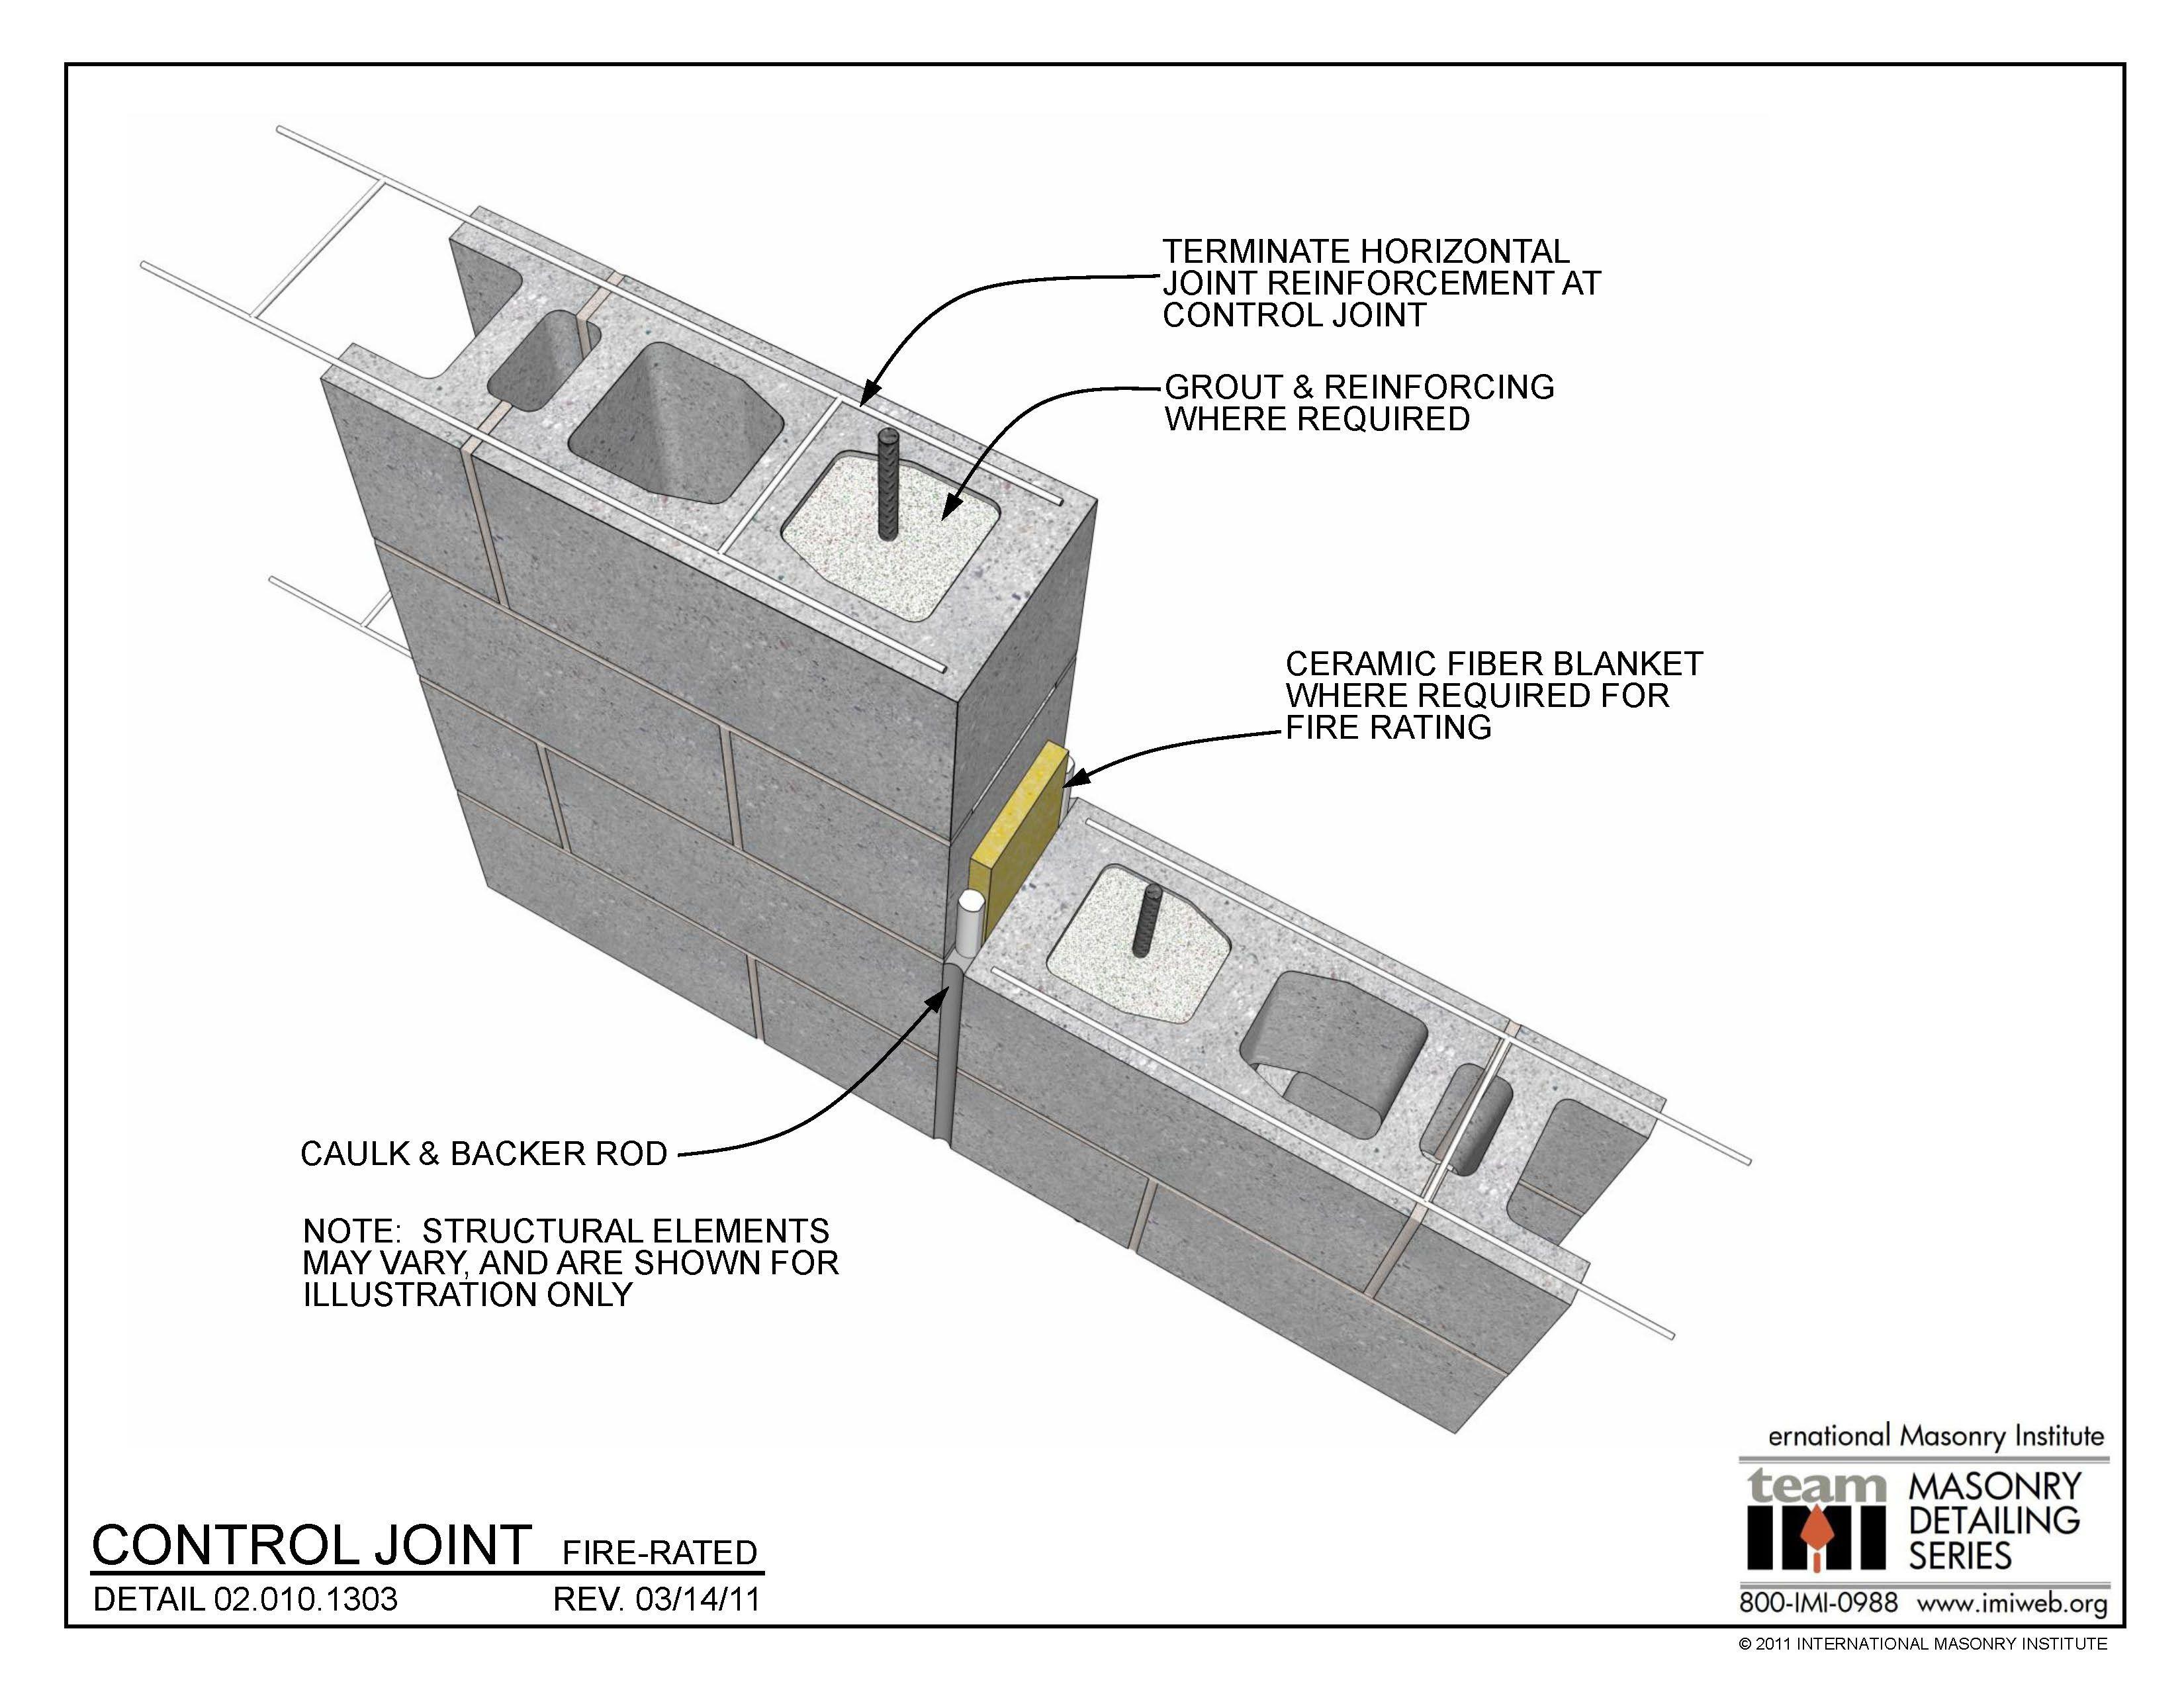 02 010 1303 Control Joint Fire Rated International Masonry Institute Masonry Masonry Wall Wall Systems